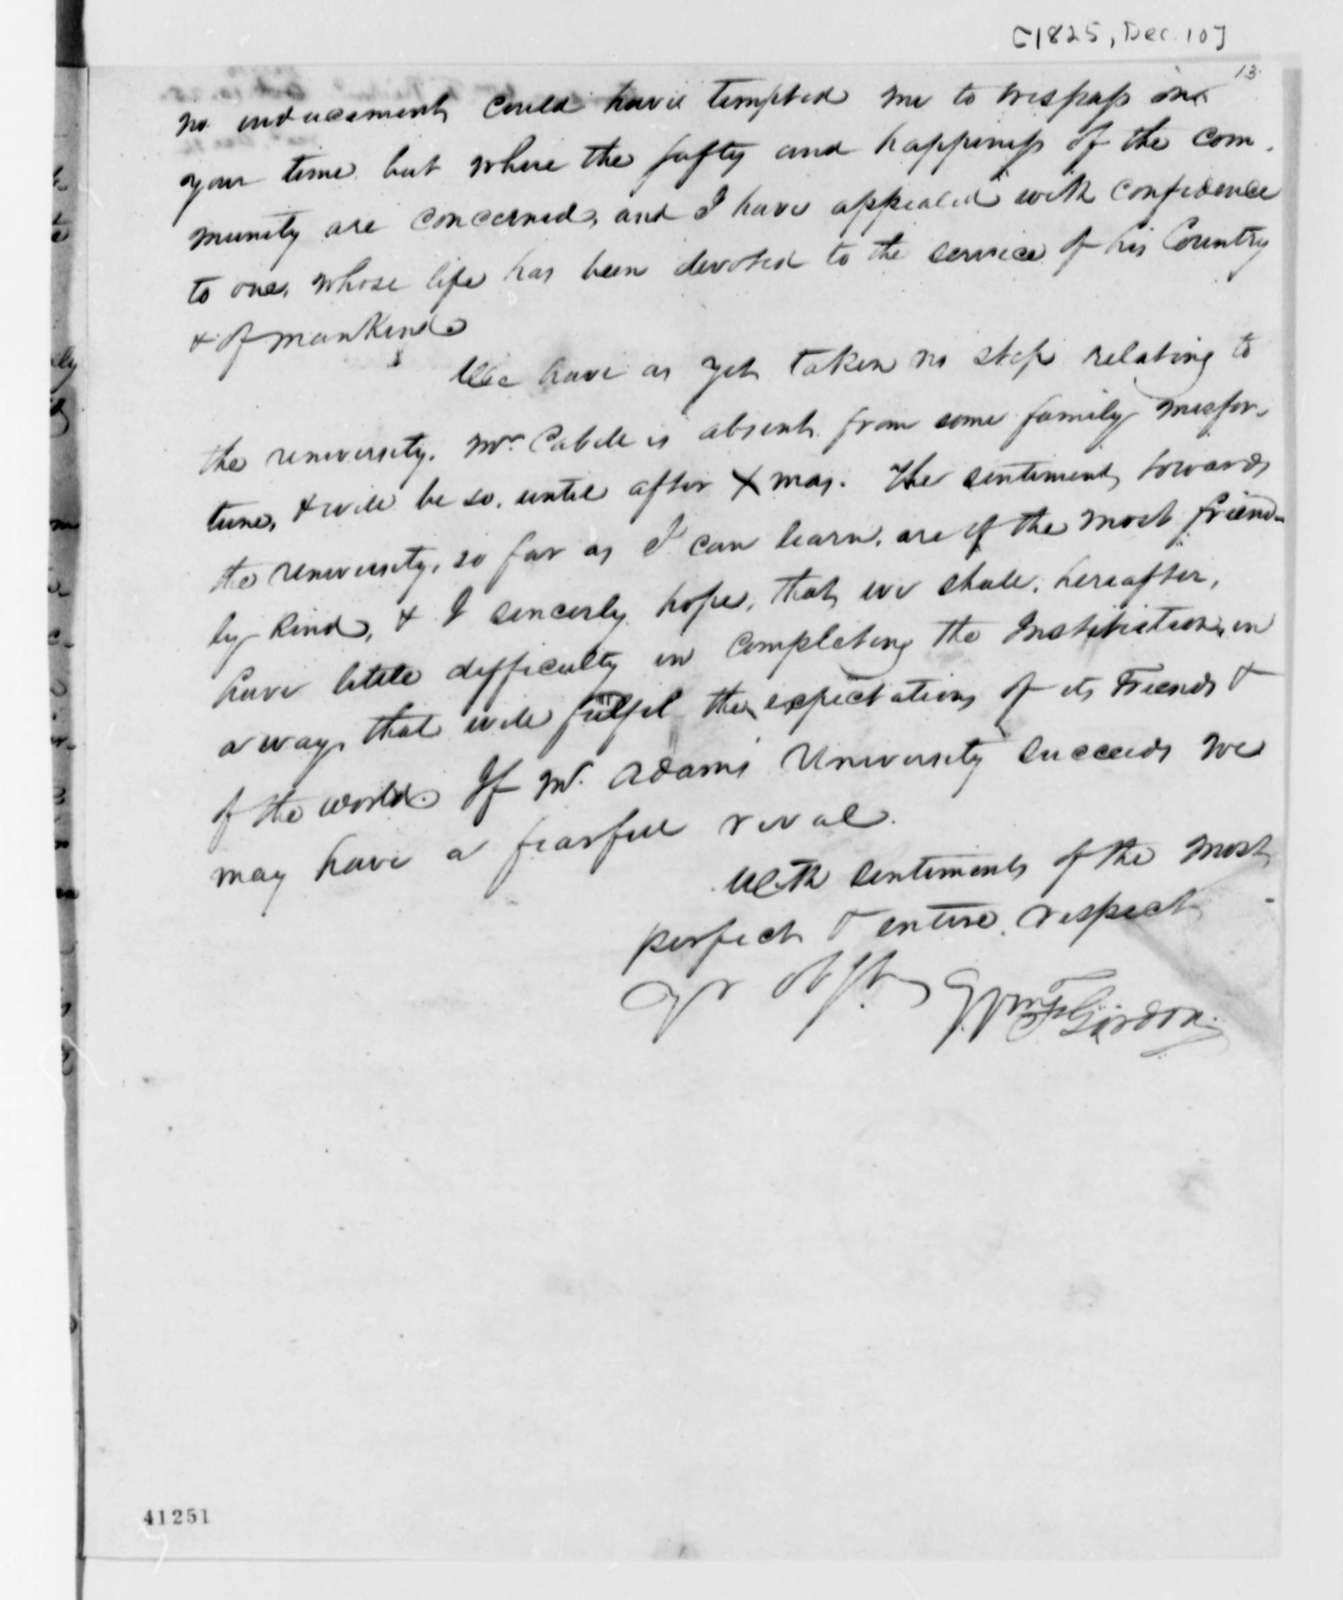 William F. Gordon to Thomas Jefferson, December 10, 1825